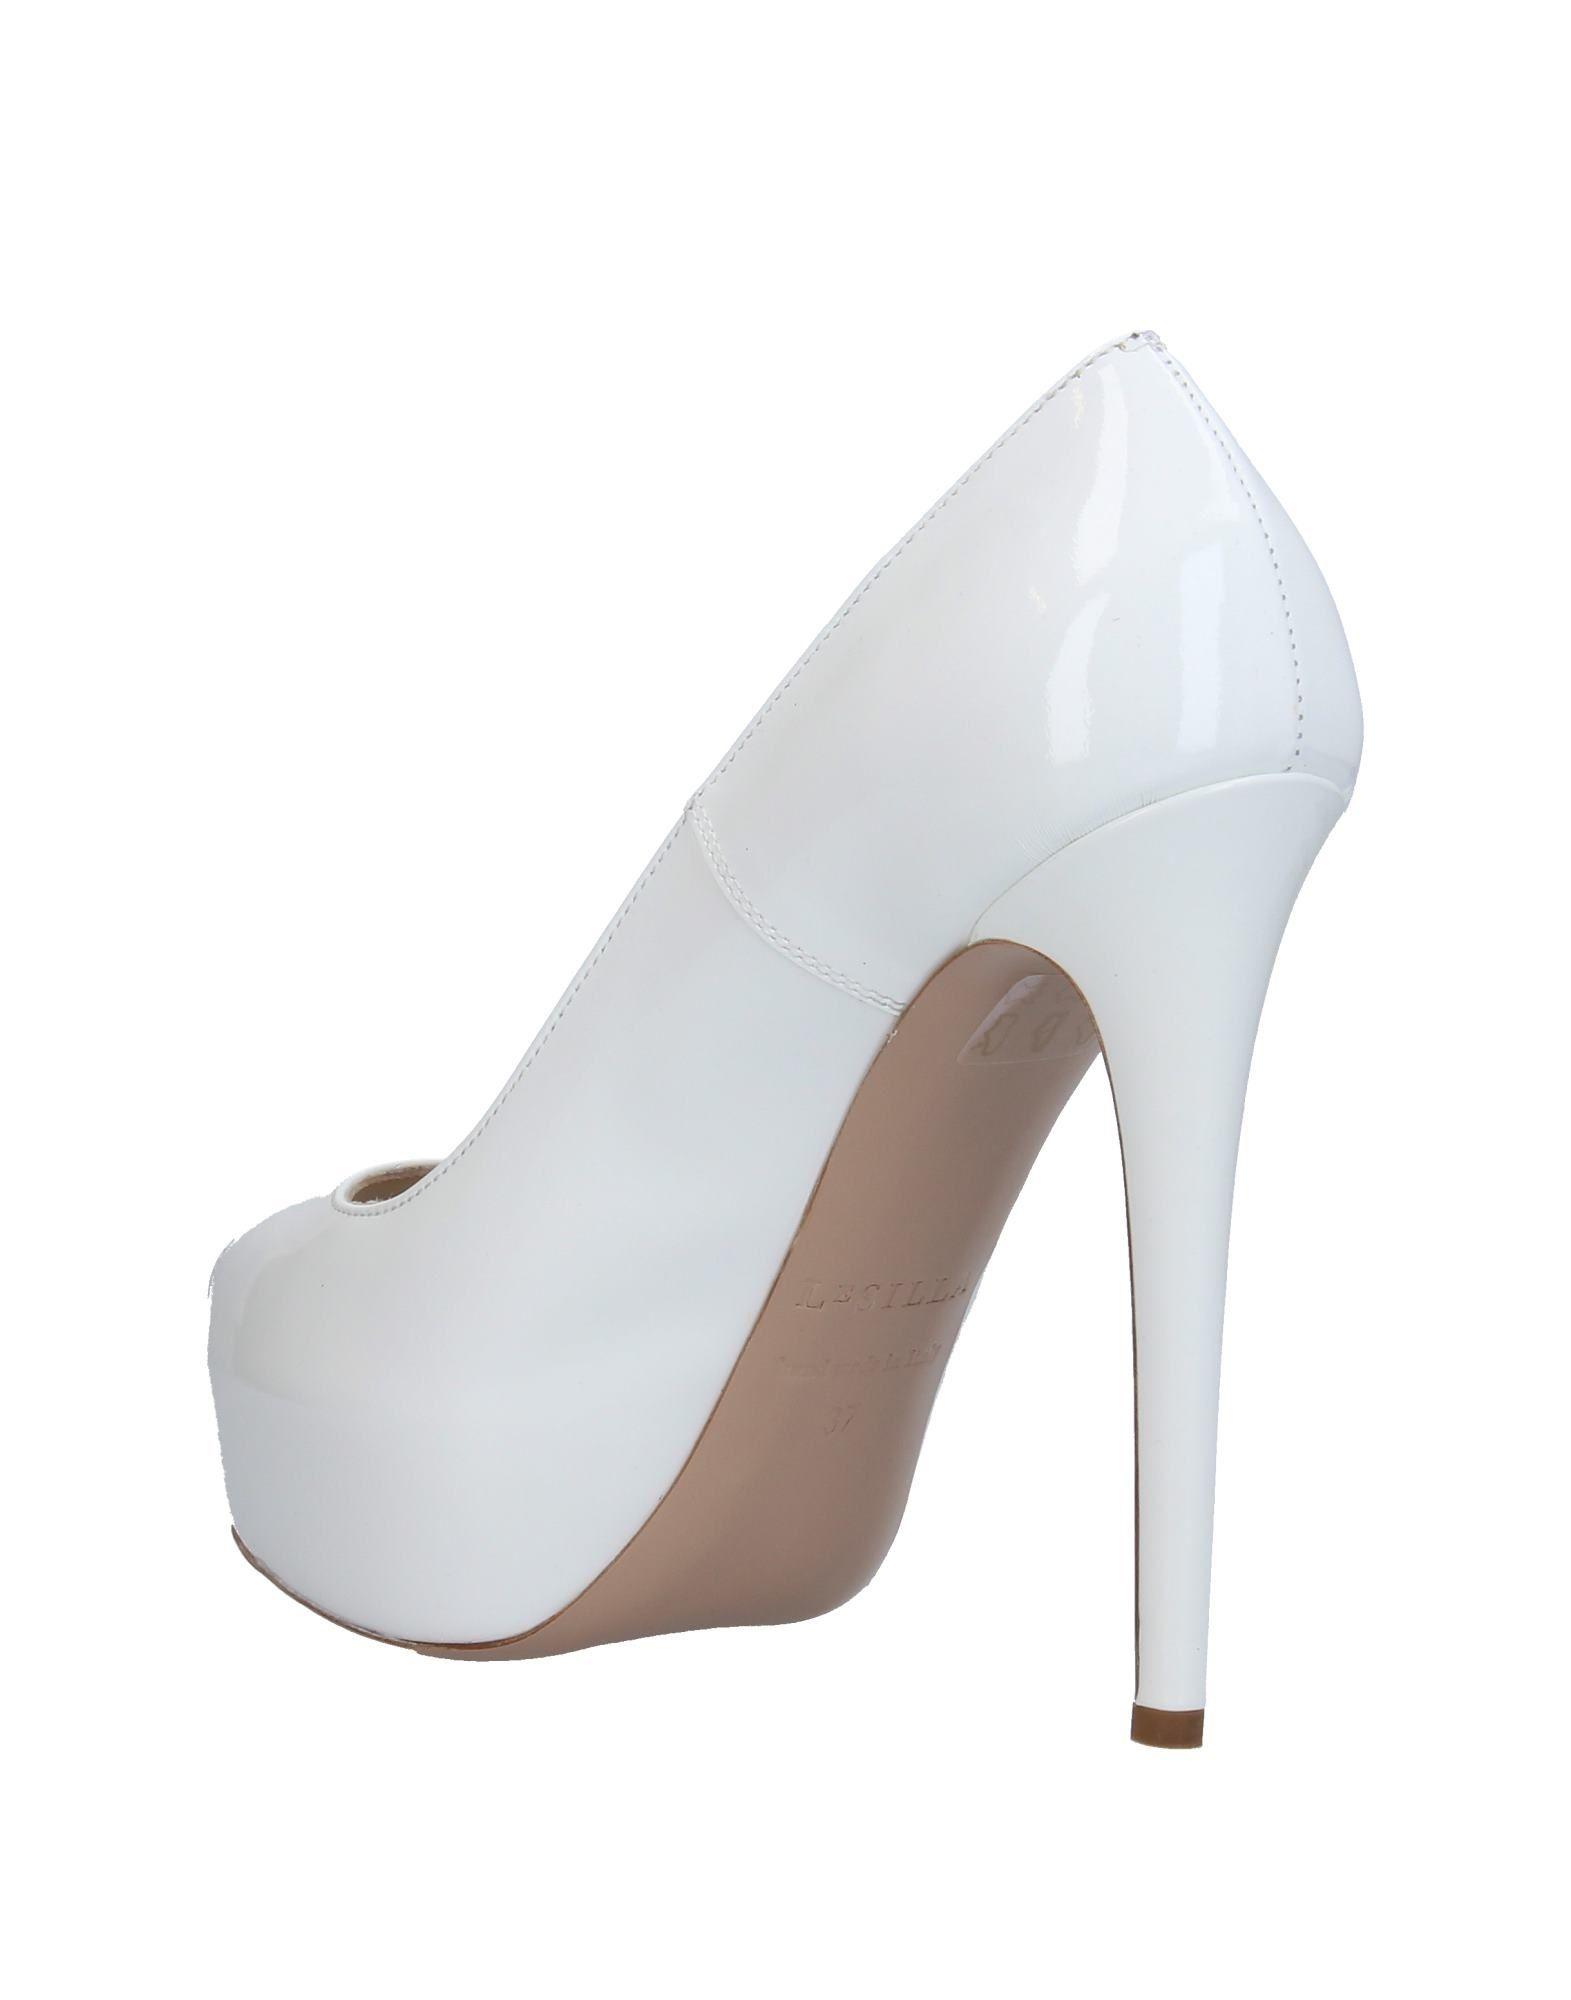 Rabatt Schuhe Le 11409904JP Silla Pumps Damen  11409904JP Le 292807